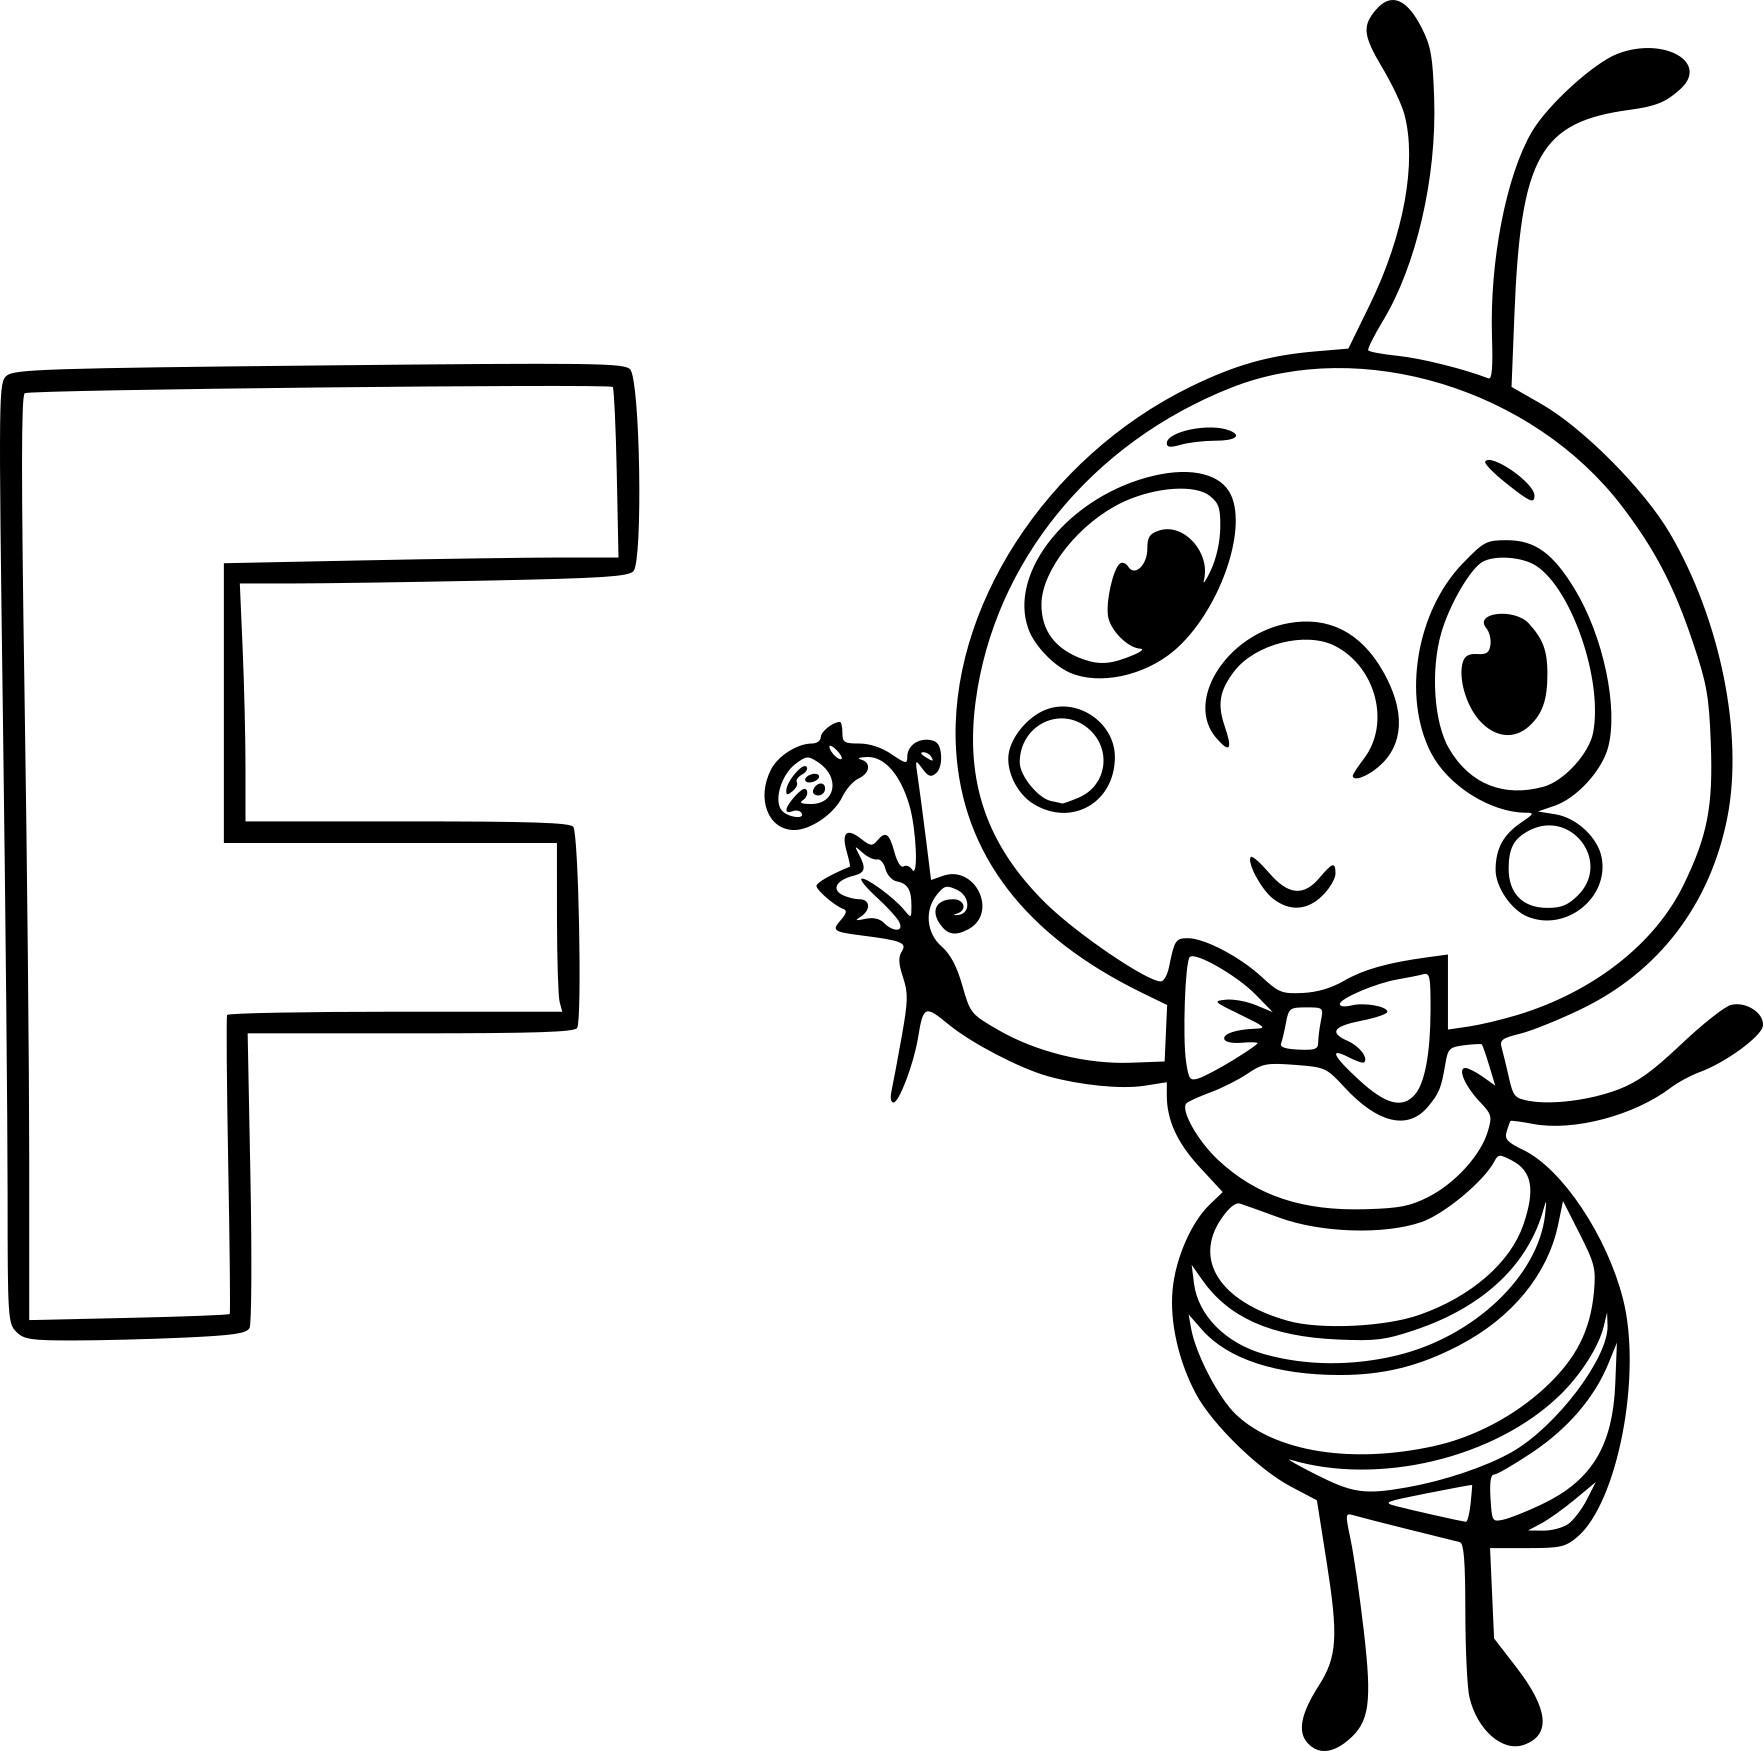 Beau image fourmi a colorier - Comment dessiner une fourmi ...